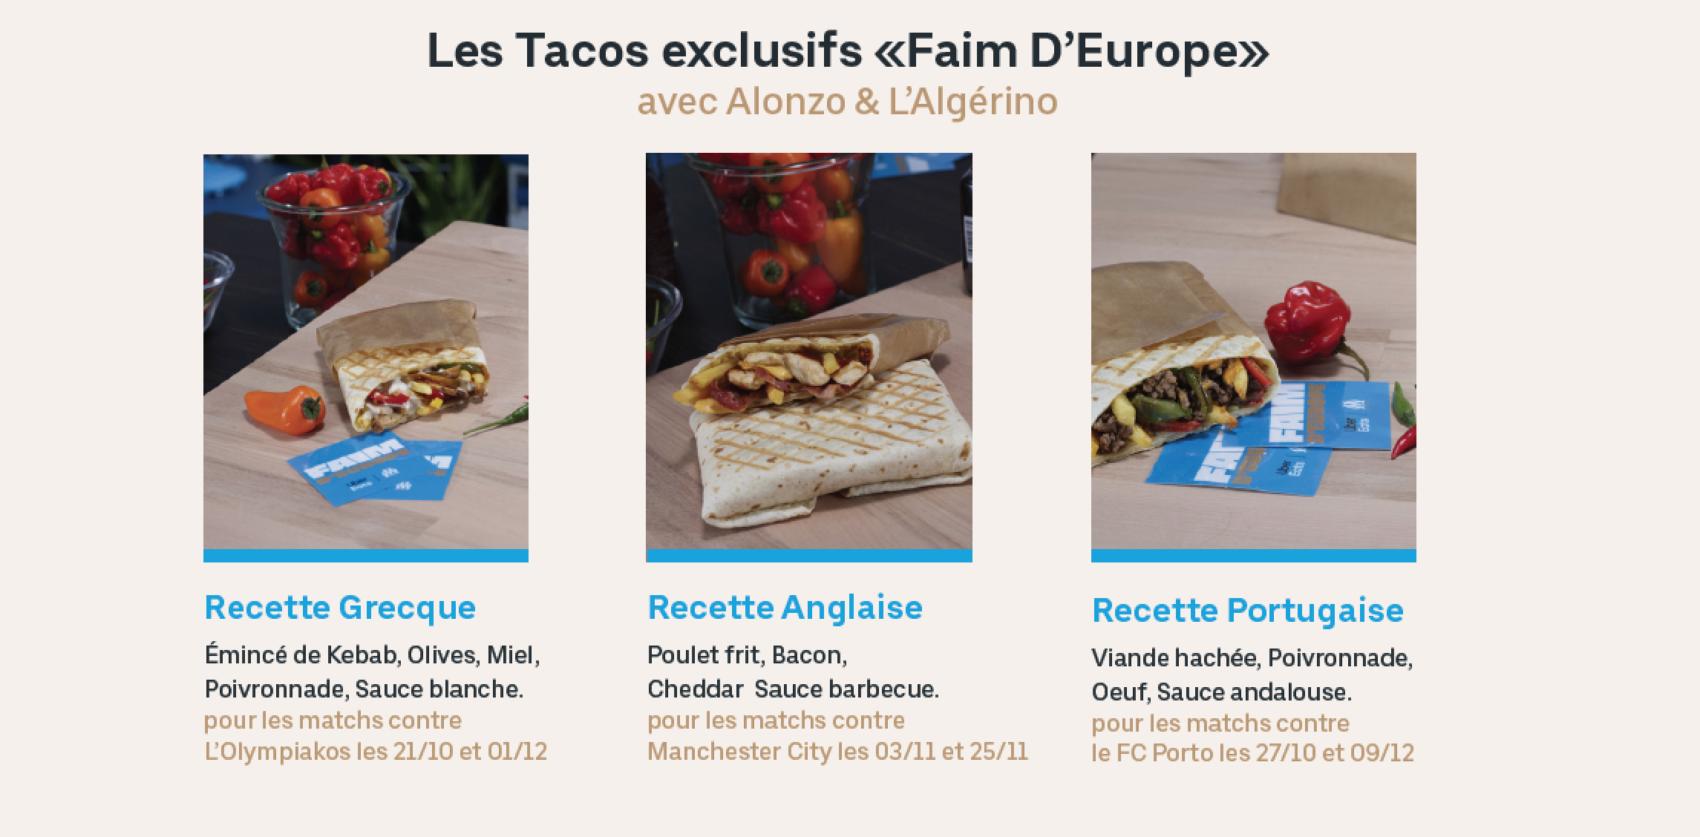 UE_FaimDEurope_OM_tacos_marseille_om_ligue_des_champions_lafourmi.png